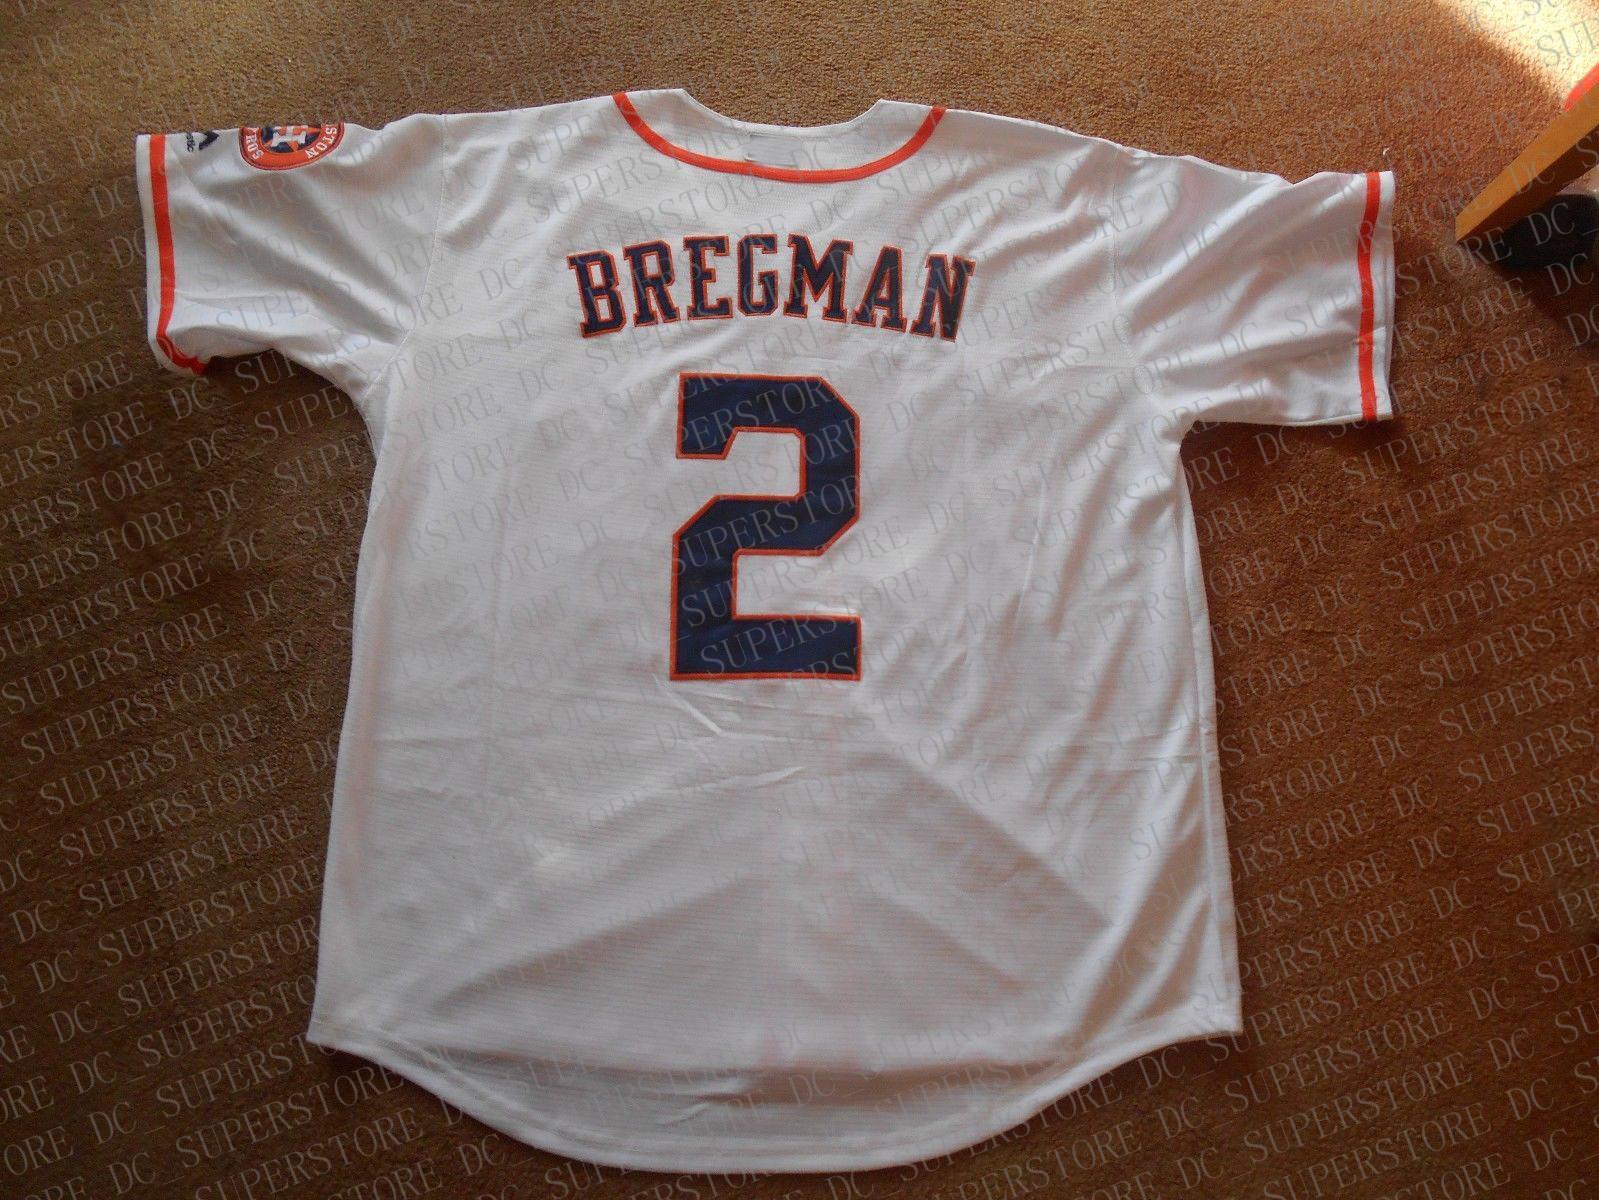 100% sur mesure de broderie Alex Bregman # 2 Maillots blanc Cousu Personnaliser un numéro de nom MEN Maillots NCAA JERSEY